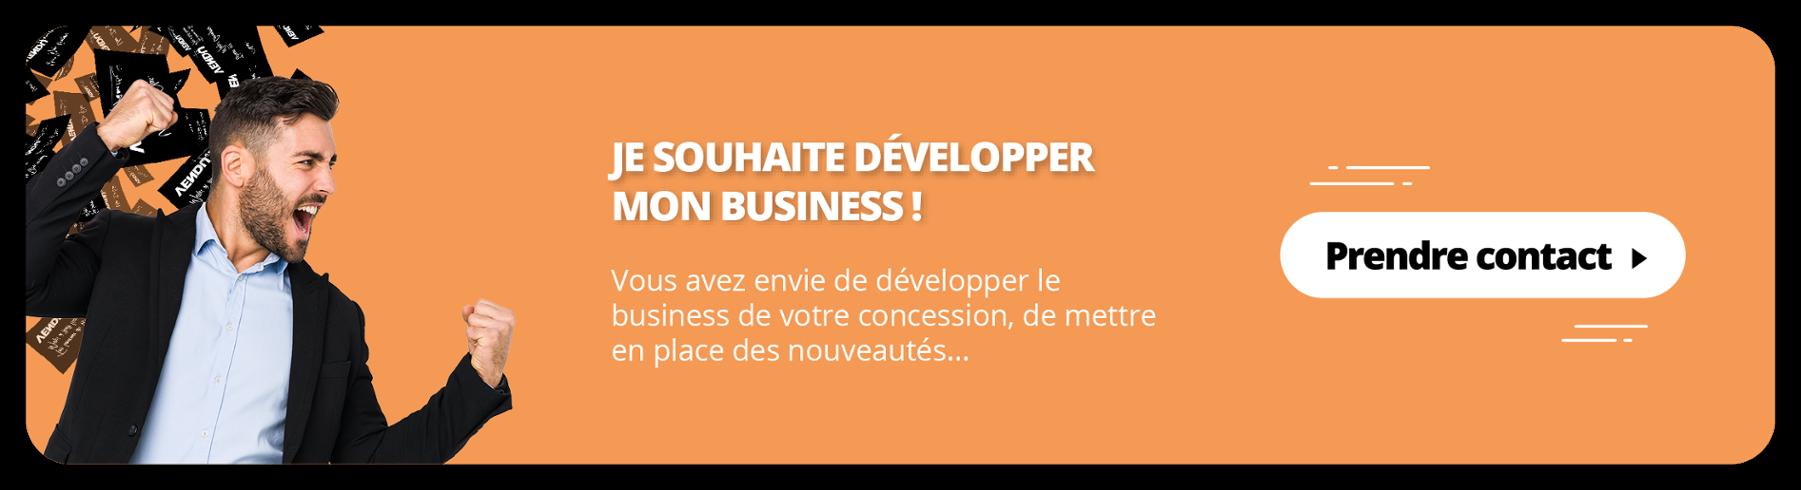 Je souhaite développer mon business !